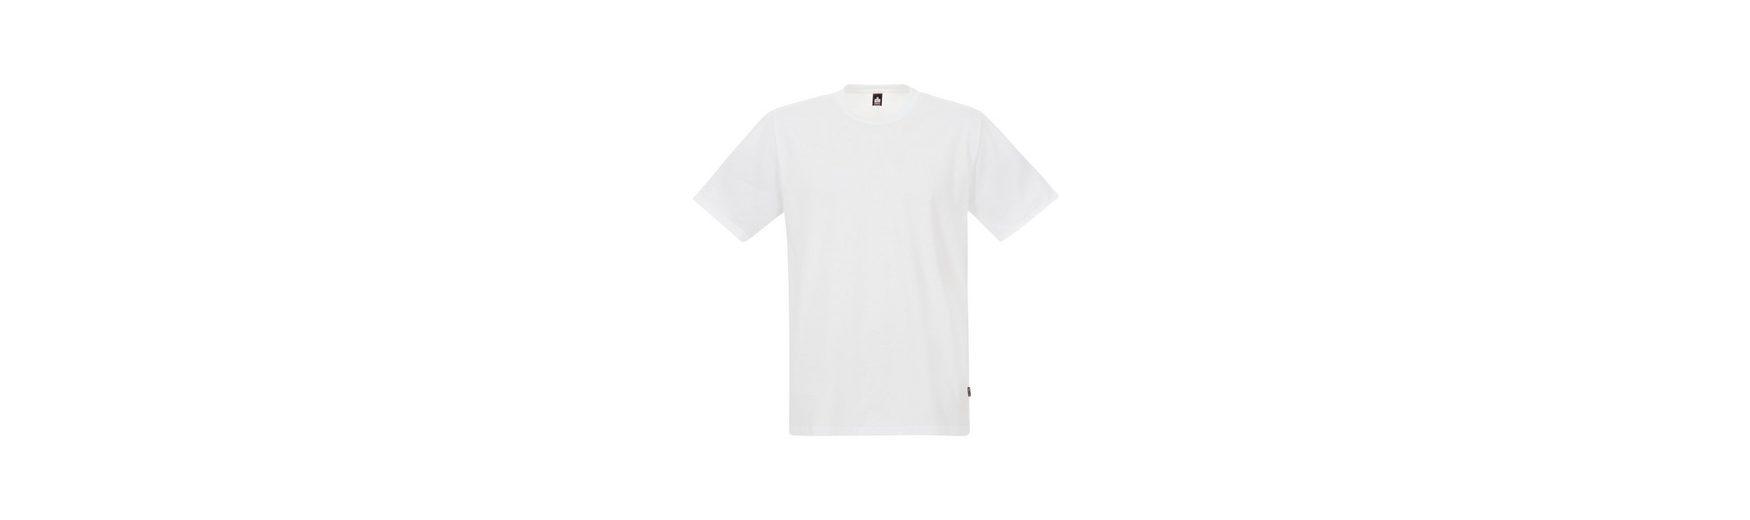 Sehr Günstiger Preis TRIGEMA T-Shirt aus 100% Baumwolle Begrenzt Ja Wirklich Dw8P4qG